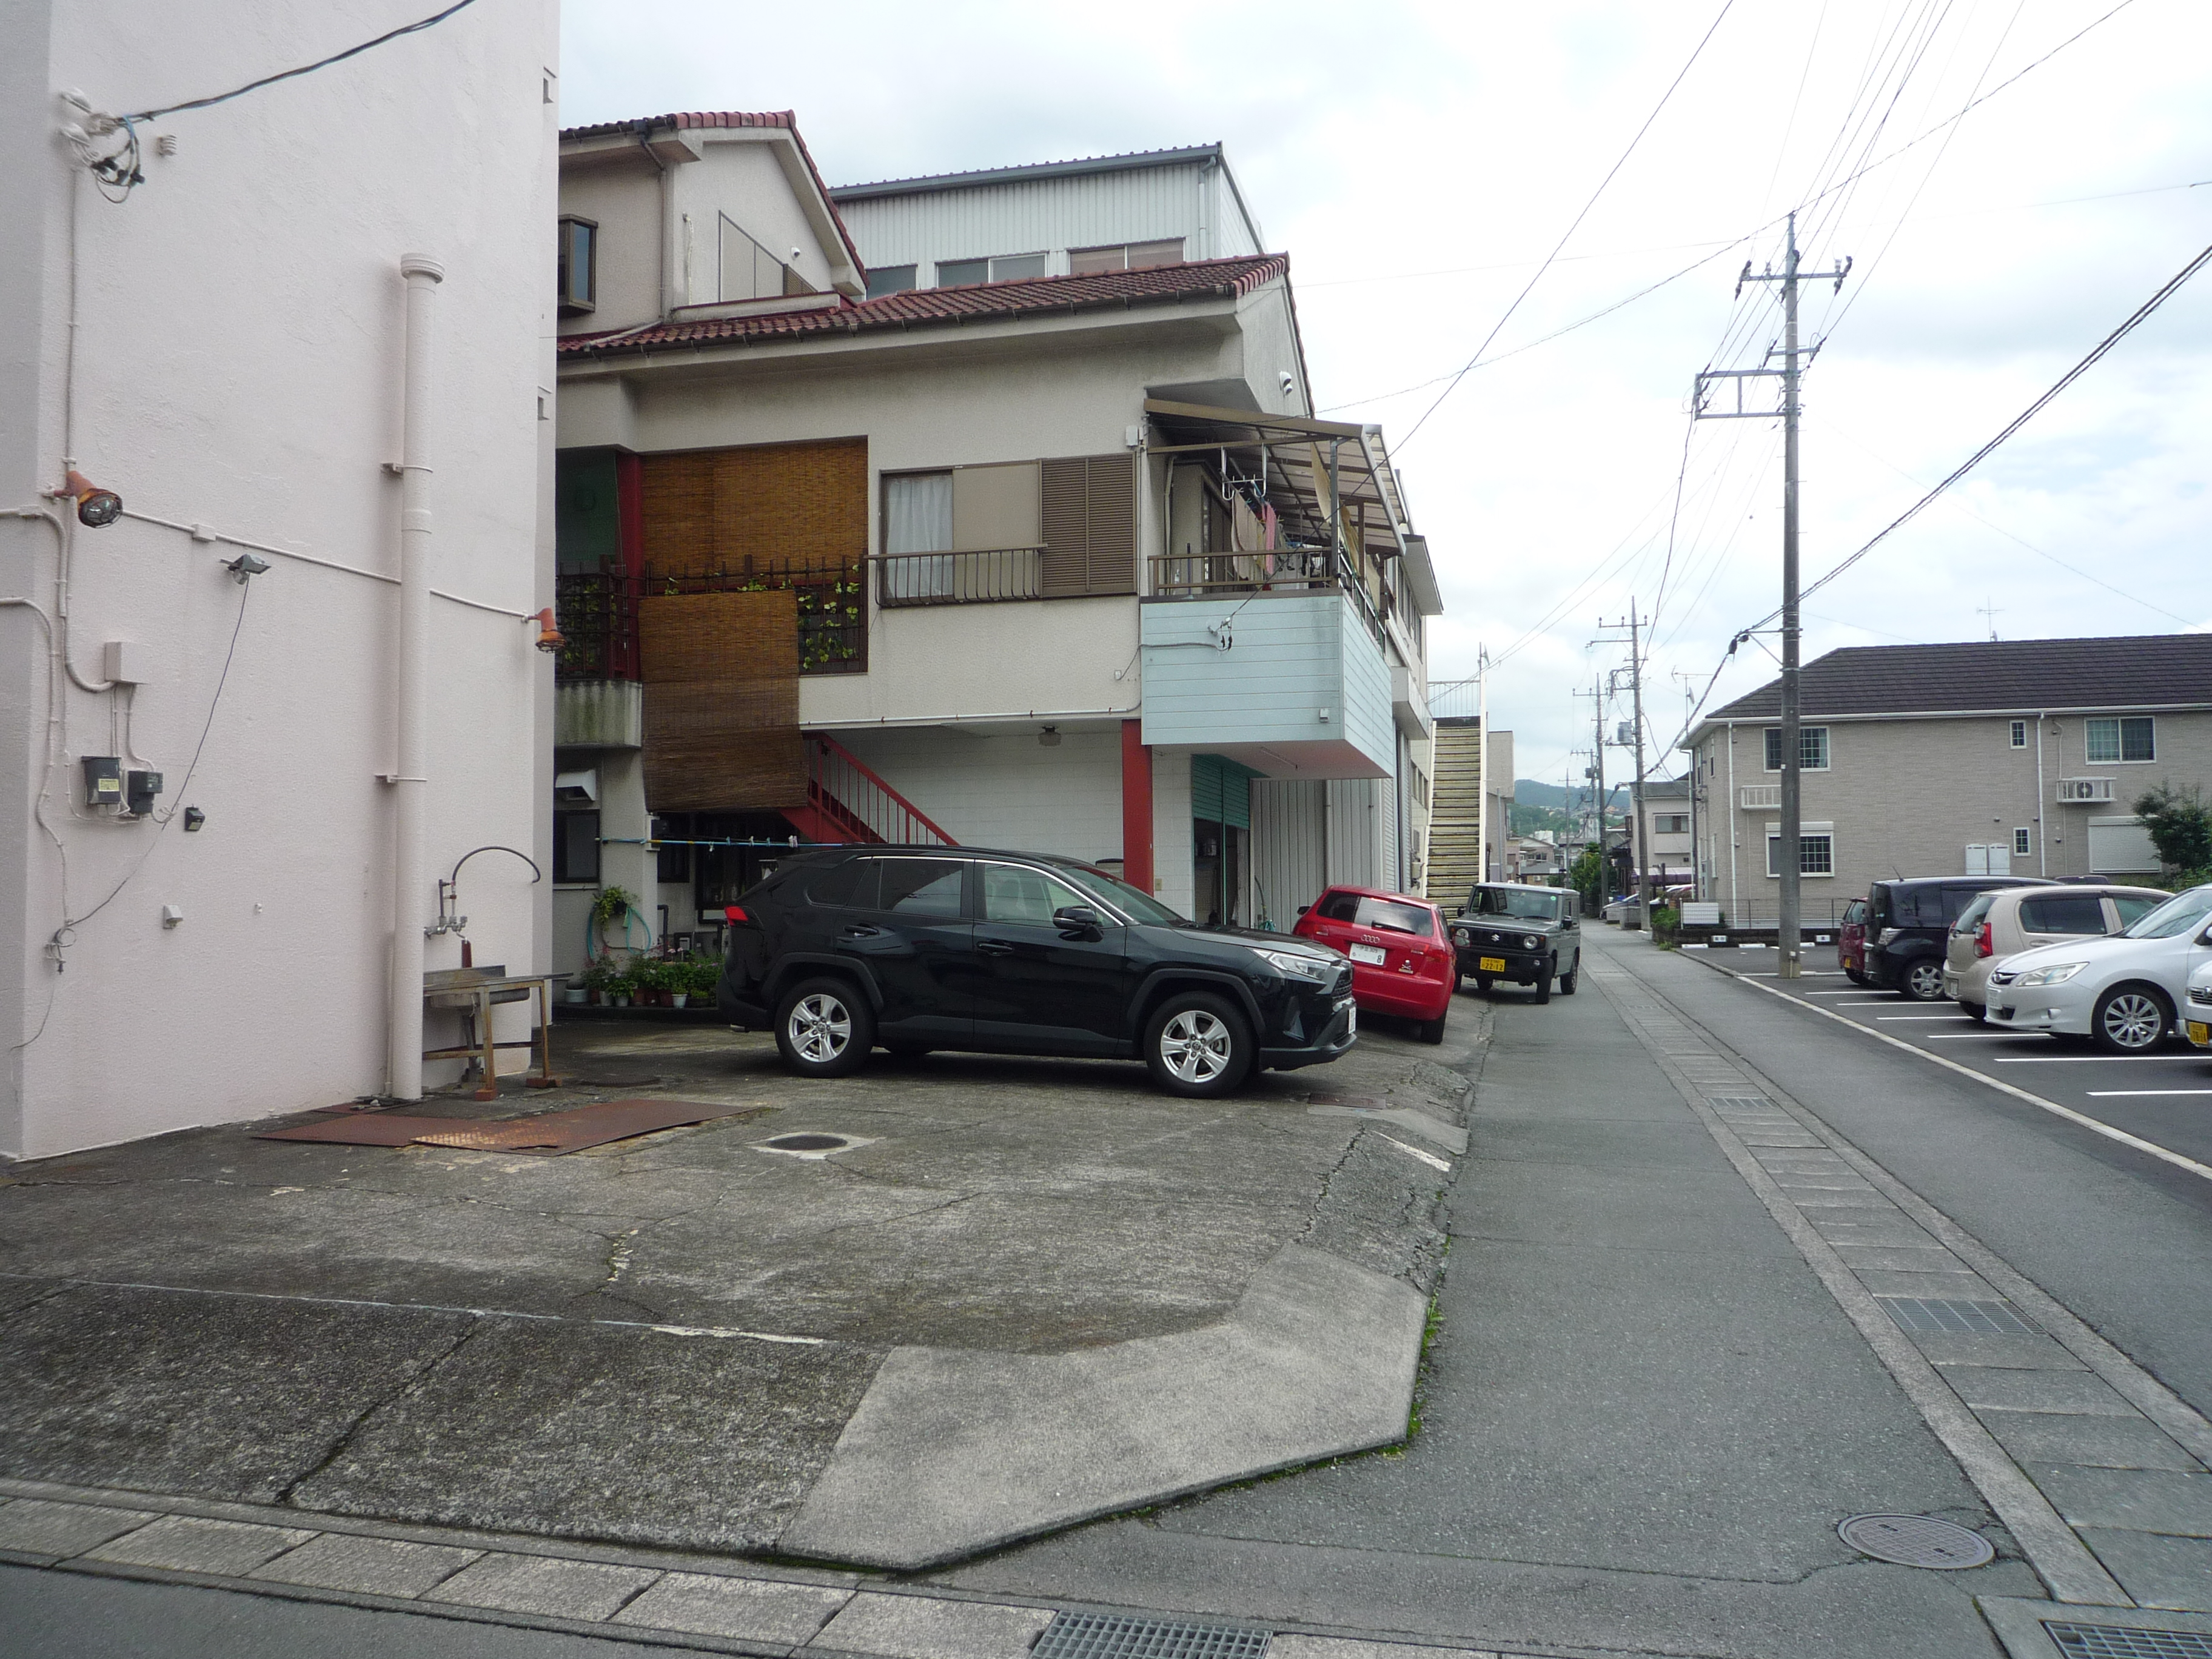 売土地 国道沿い 伊豆長岡駅まで徒歩8分 店舗・事務所・住宅向け